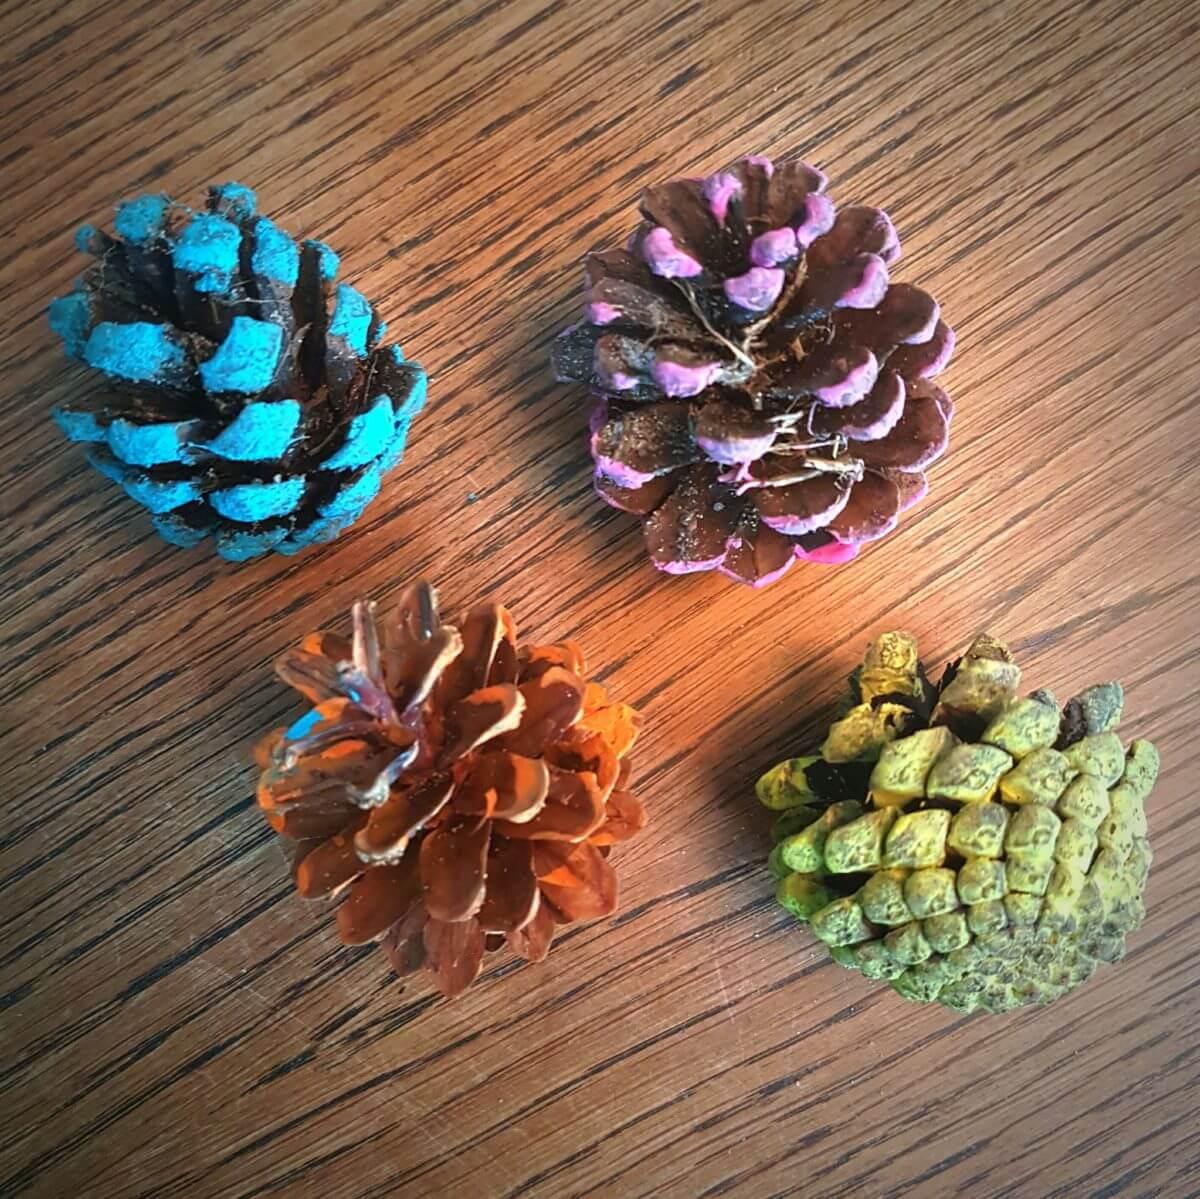 Herfst knutsels: samen knutselen als het buiten kouder wordt - dennenappels beschilderen